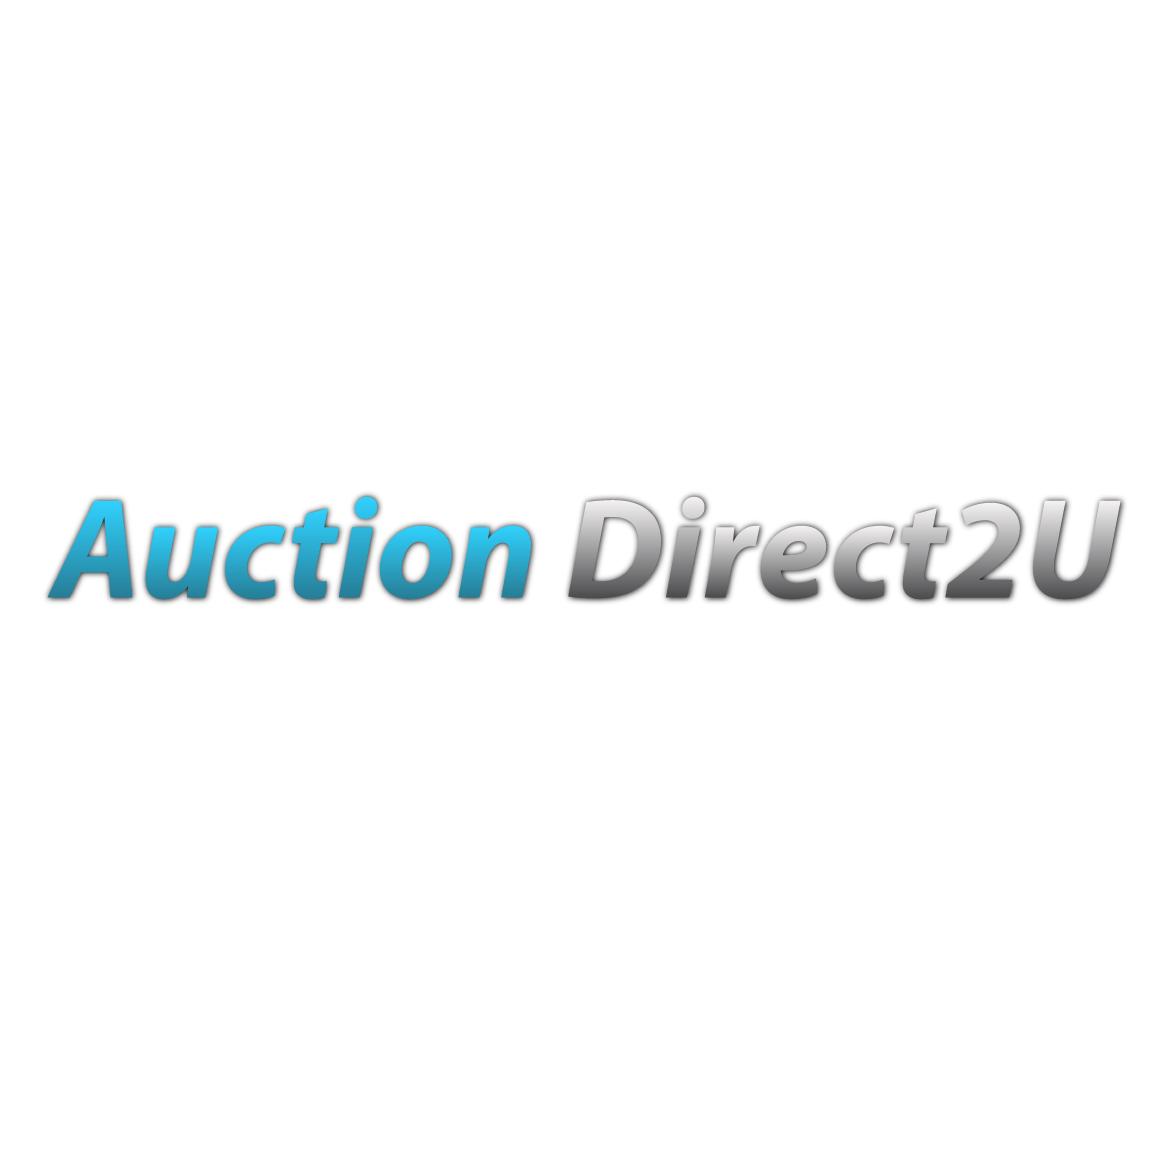 Auction Direct 2 U